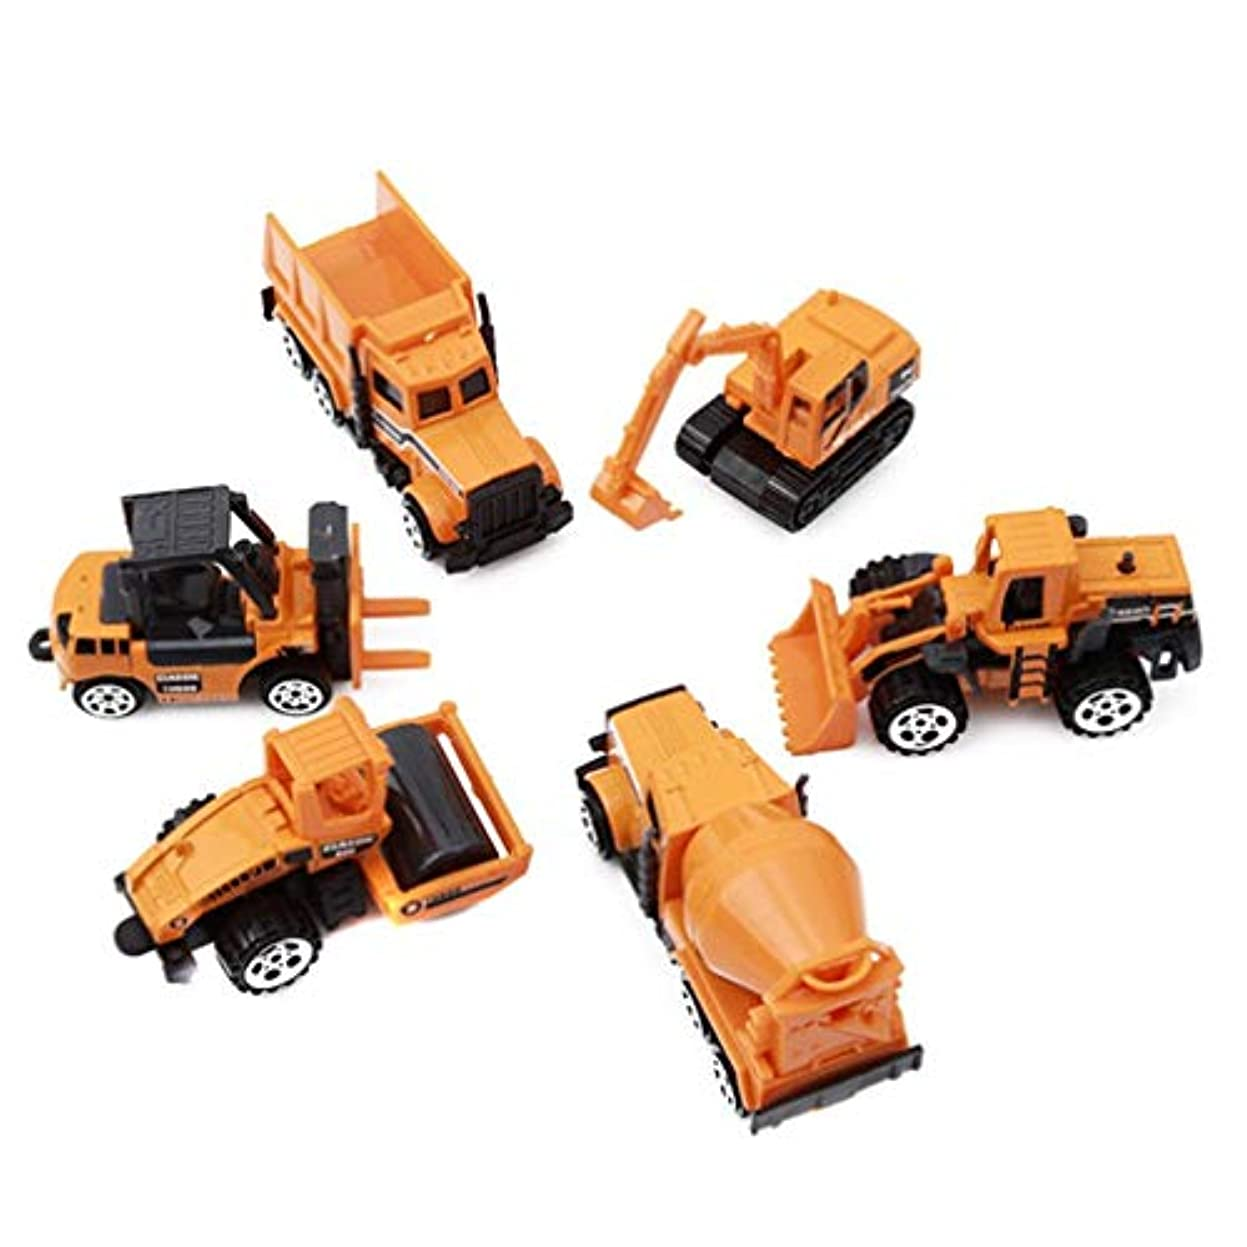 ポルティコ通訳性差別UCCU プレミアム 建設工事作業車両 はたらく車 くるまおもちゃ モデルカー 建設現場コレクション 便利